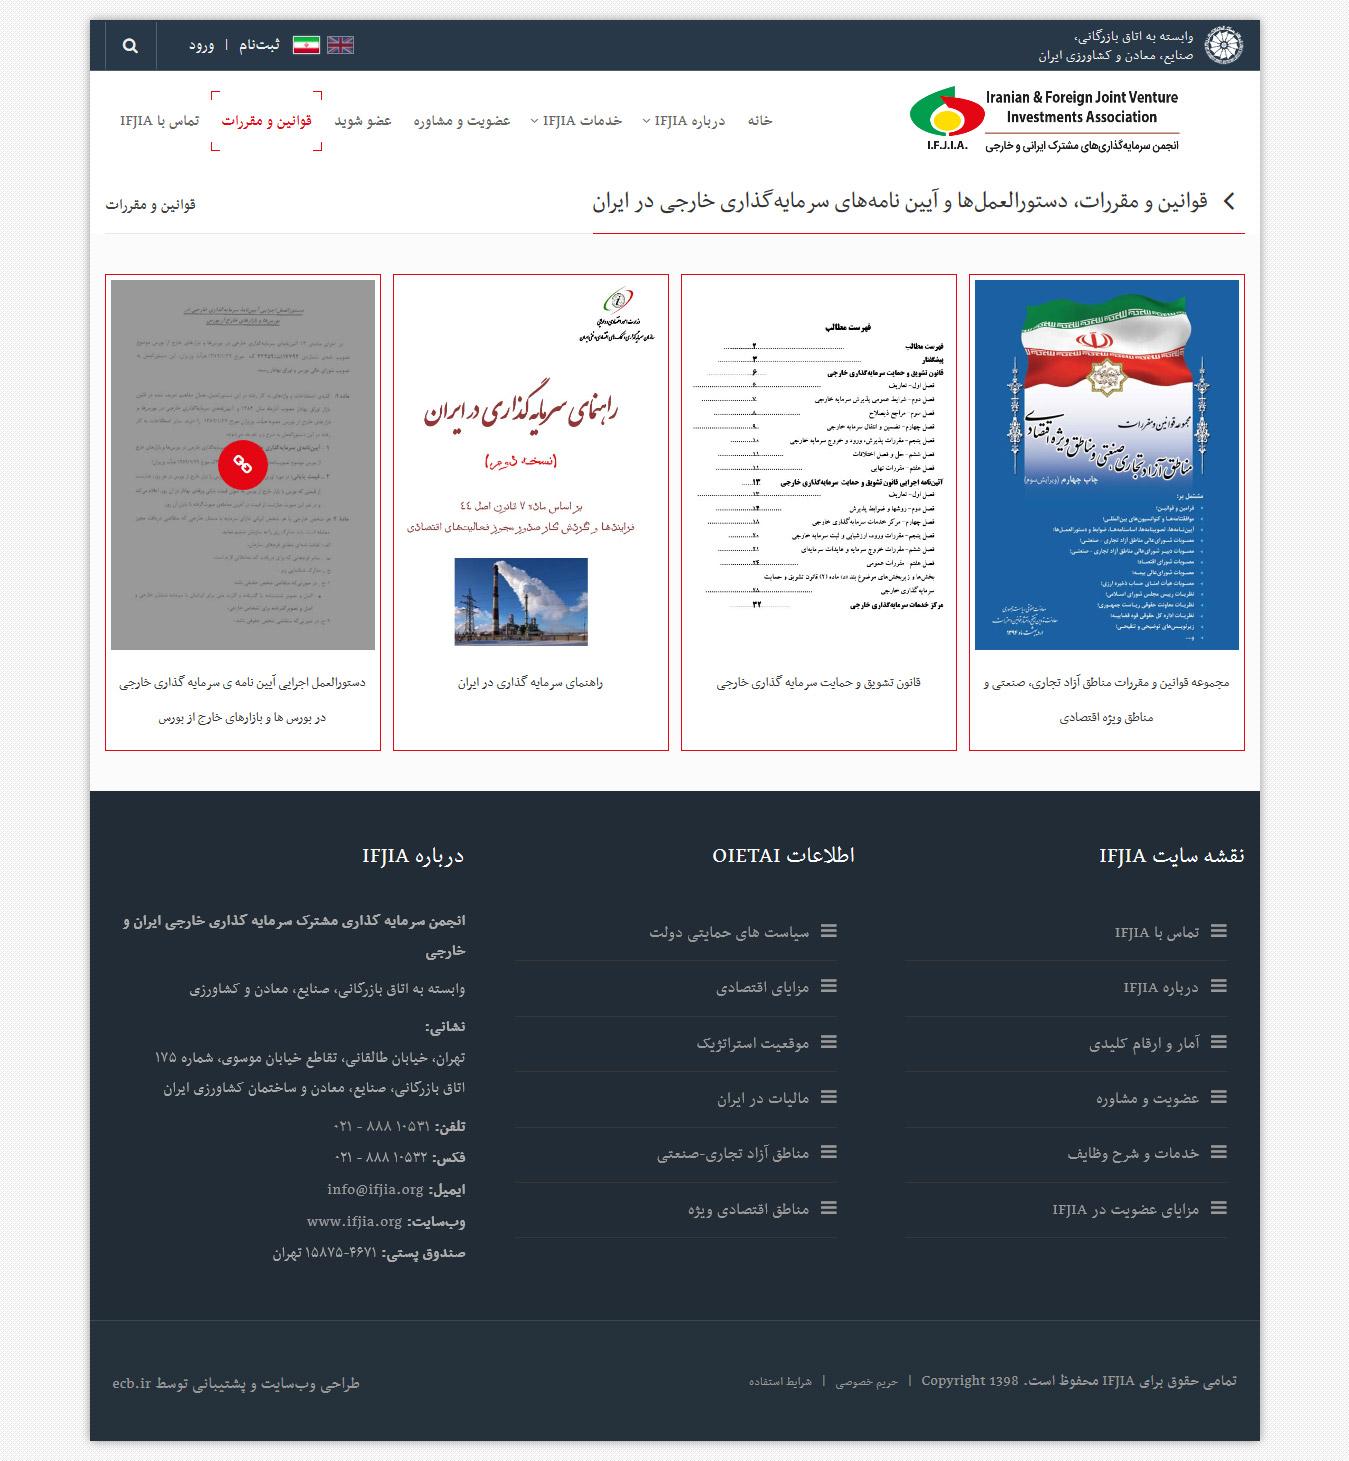 Ifjia-org-fa-Document